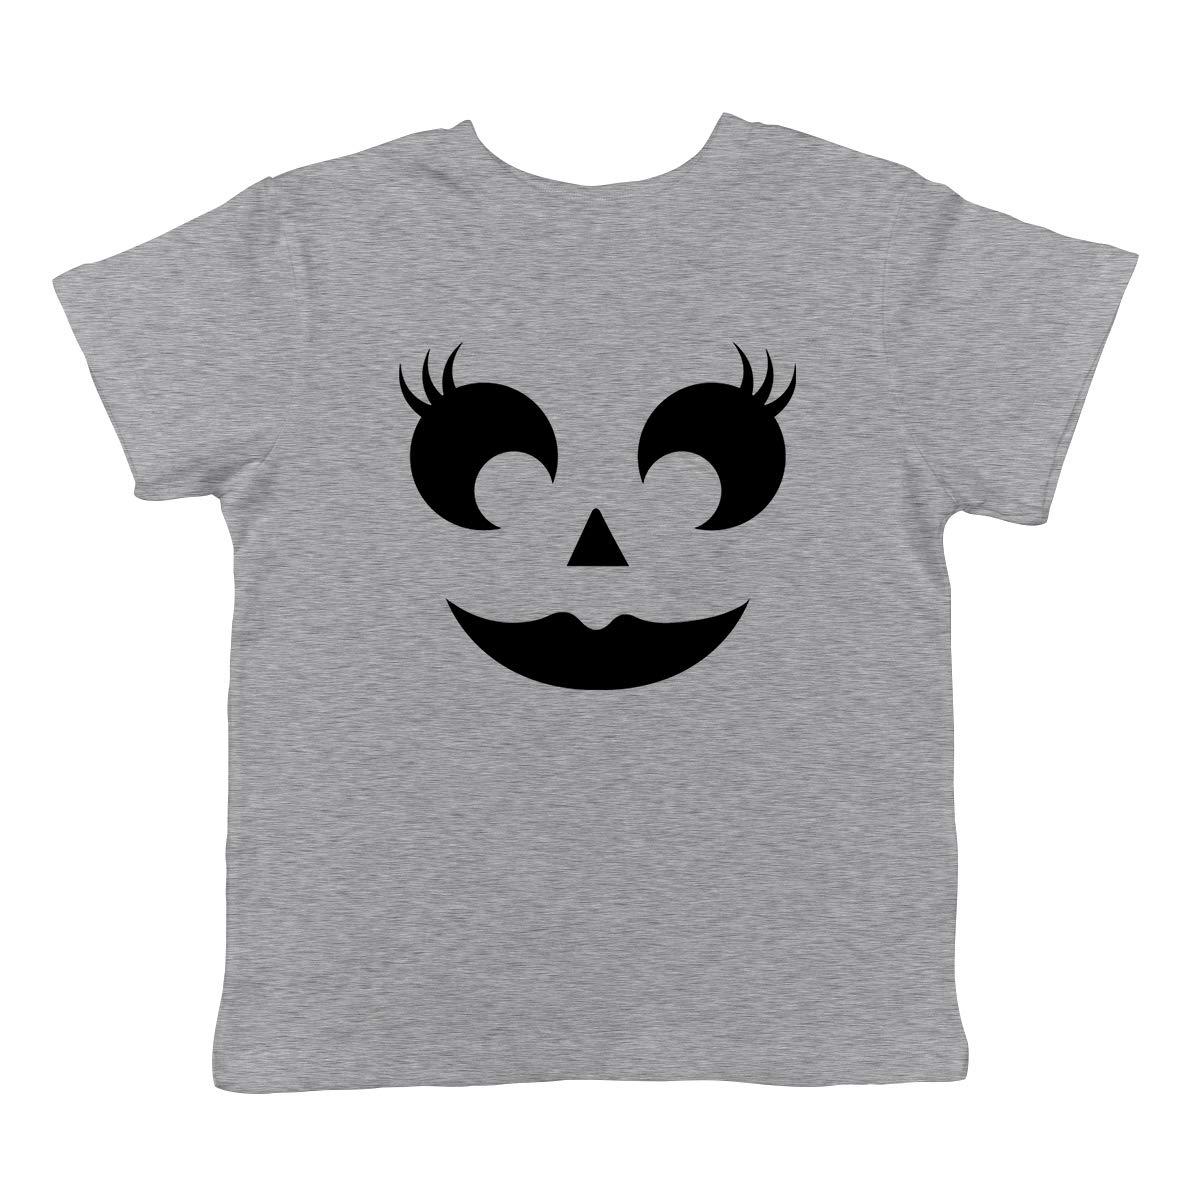 SpiritForged Apparel Female Pumpkin Face Infant T-Shirt